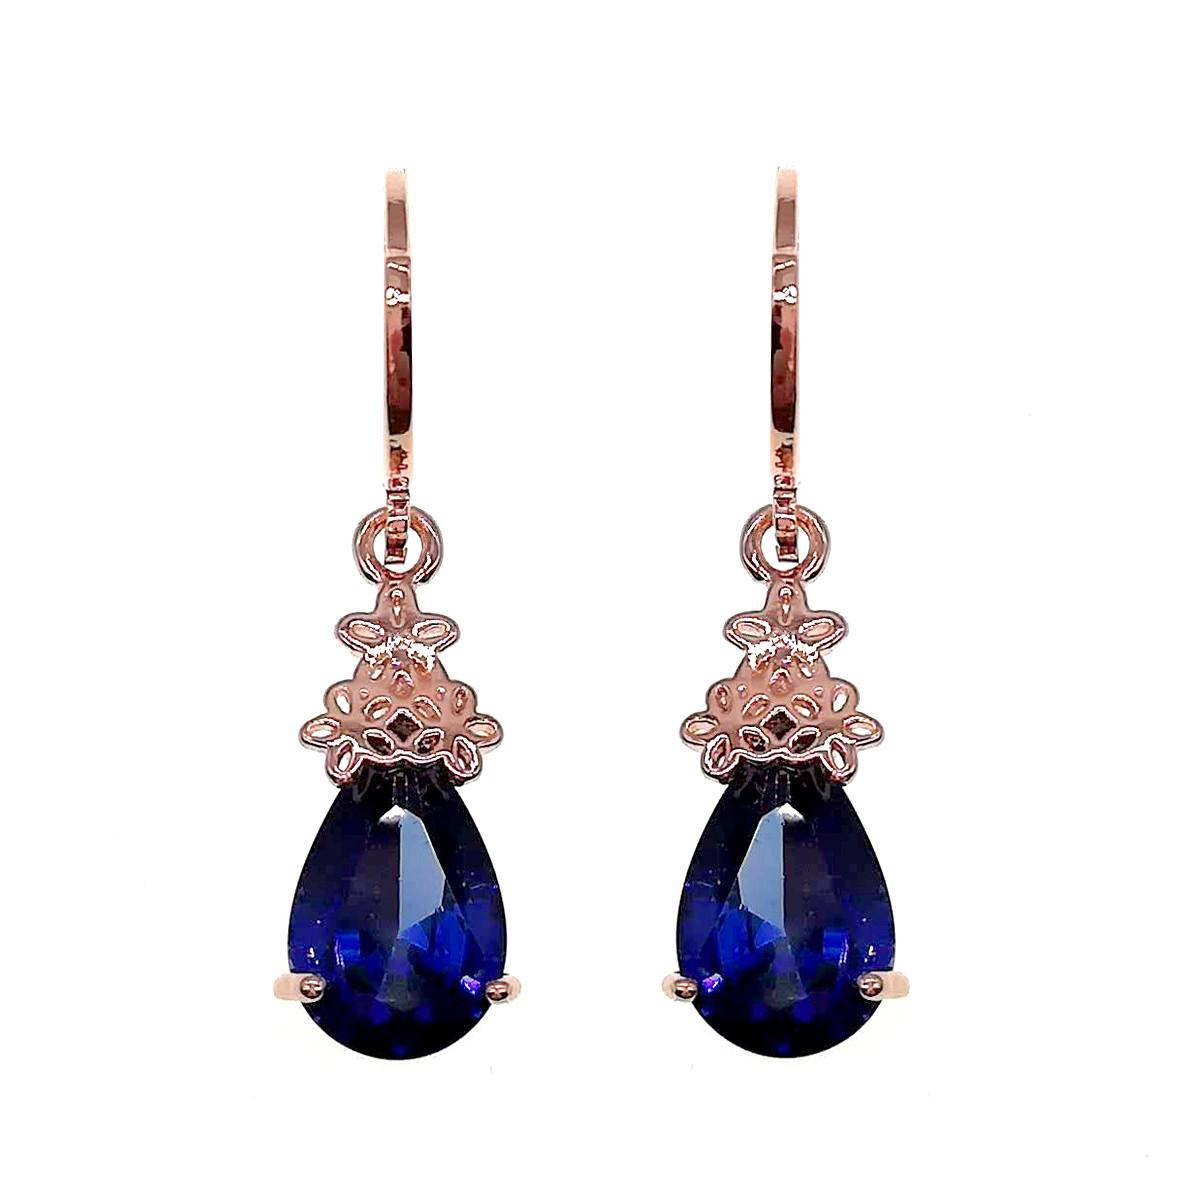 Сережки SONATA з медичного золота, сині фіаніти, позолота PO, 24024 (1)